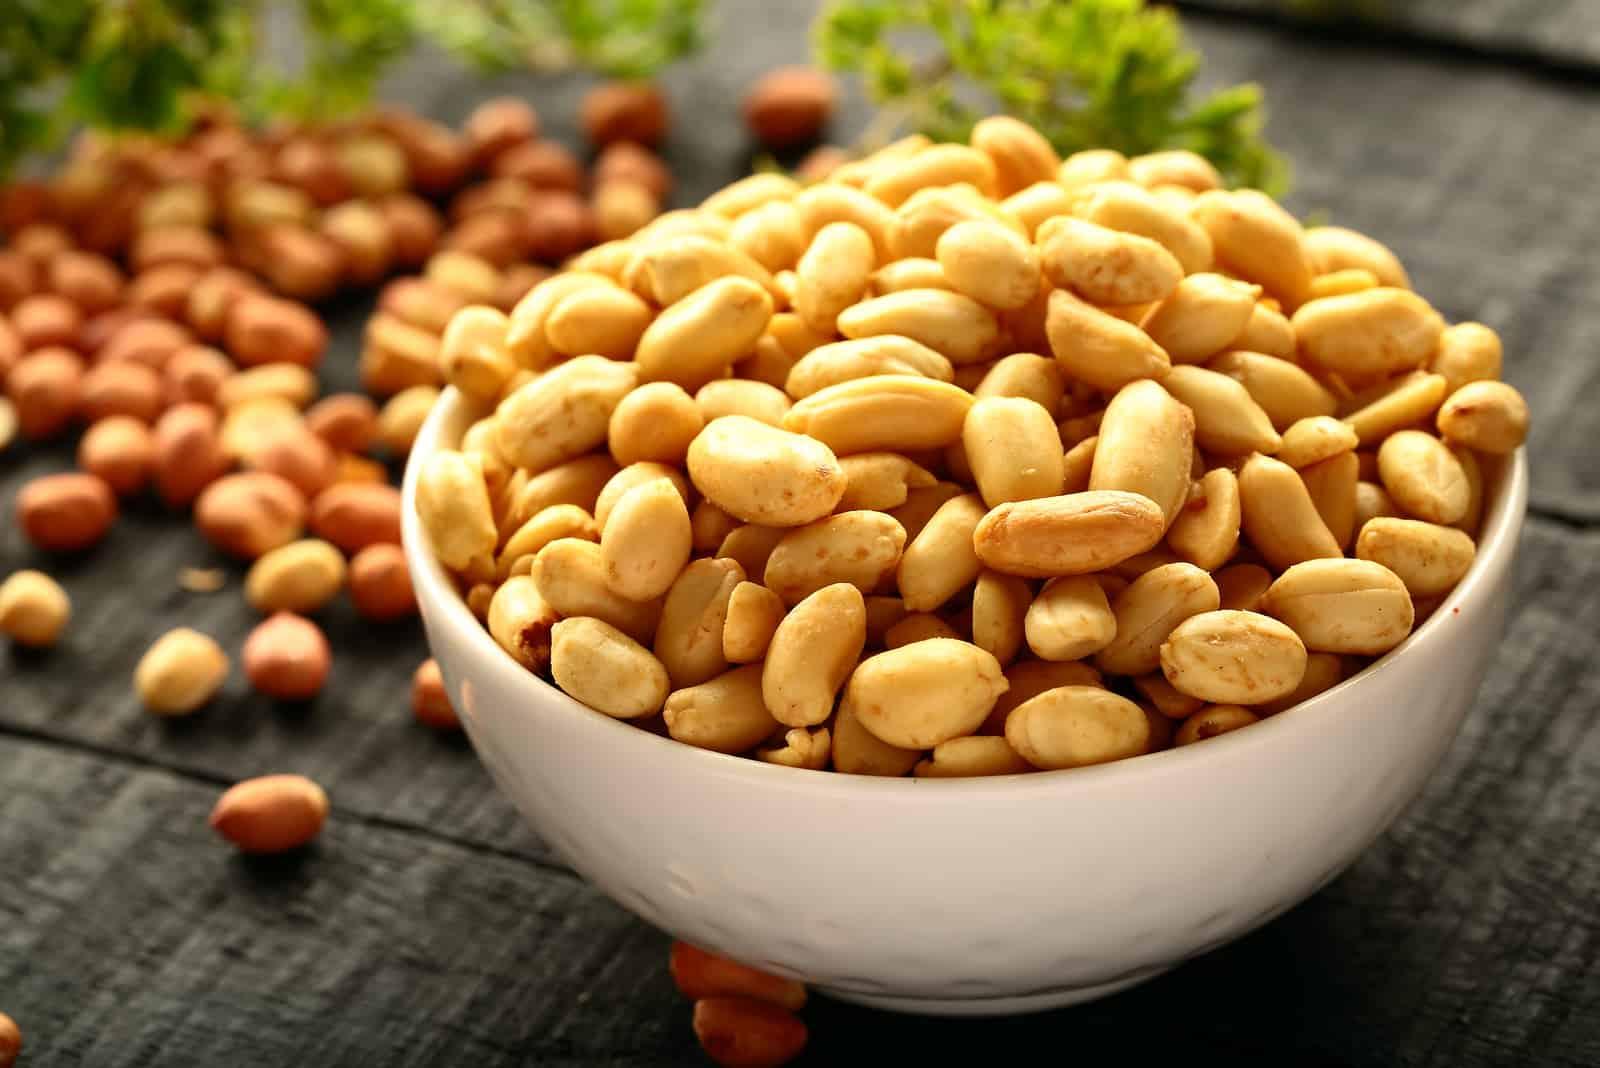 gesalzene Erdnüsse in weißer Schüssel